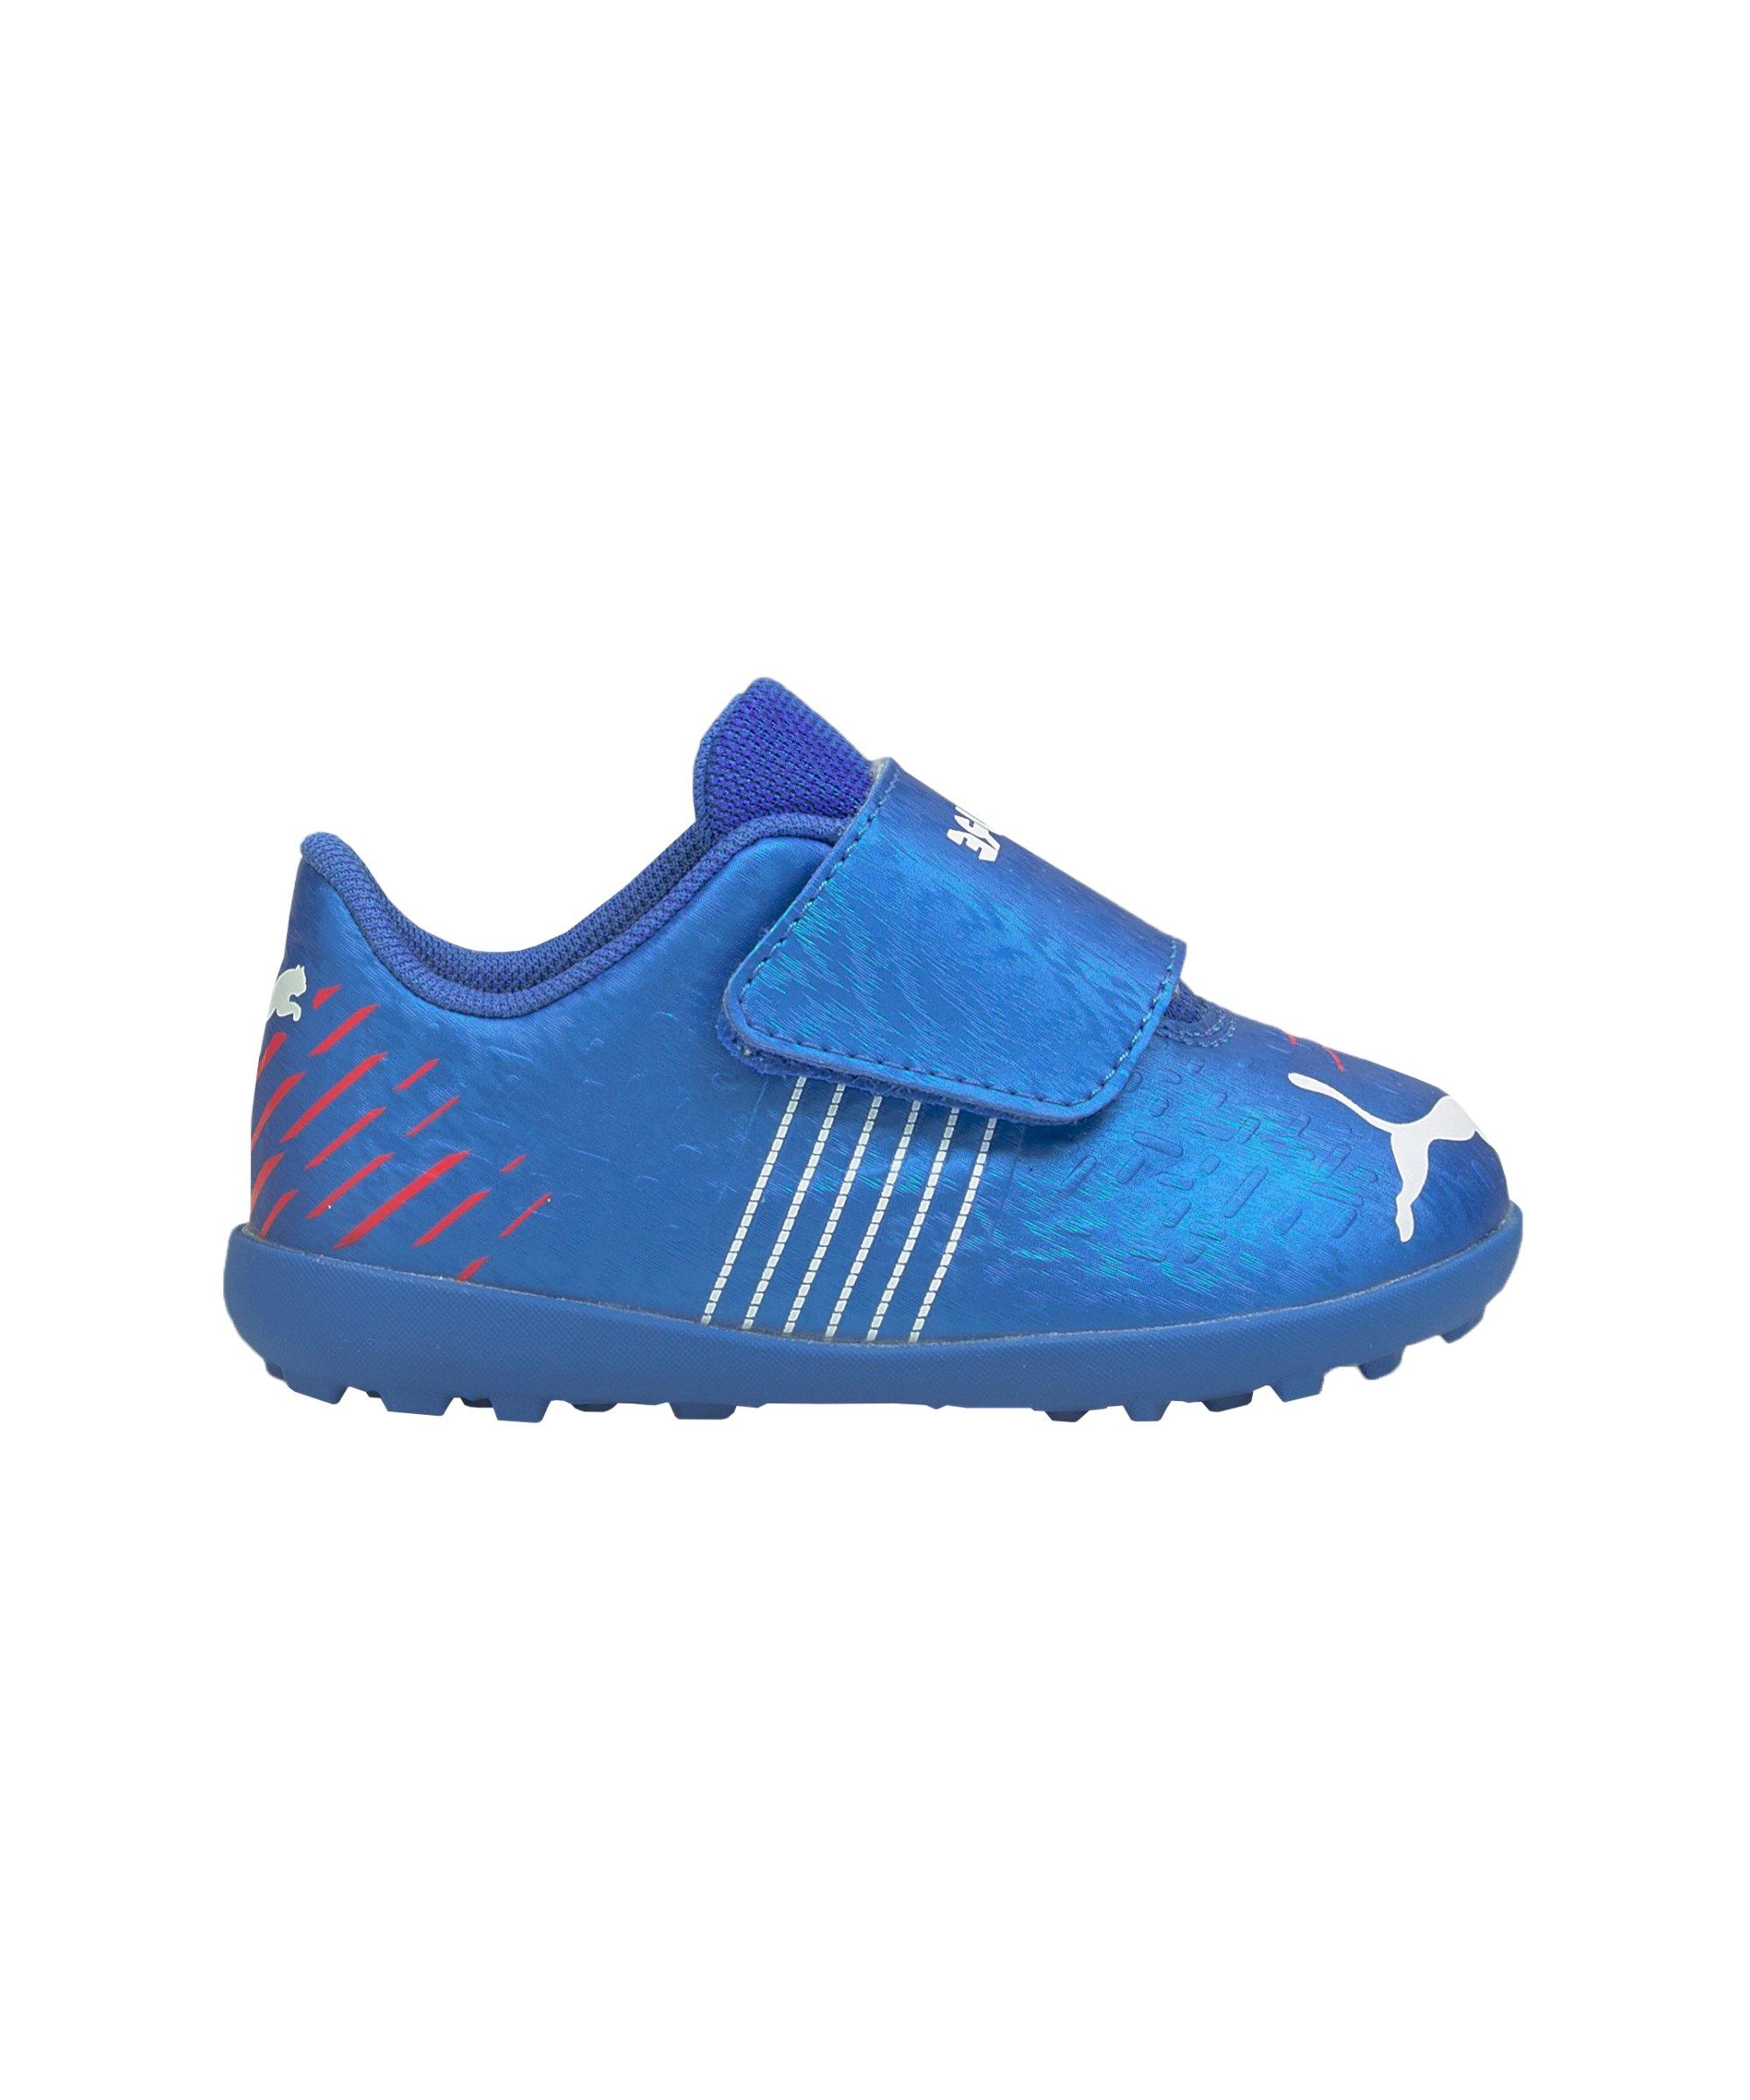 PUMA FUTURE Z 4.2 Faster Football TT V Kids (I) Blau Rot F01 - blau